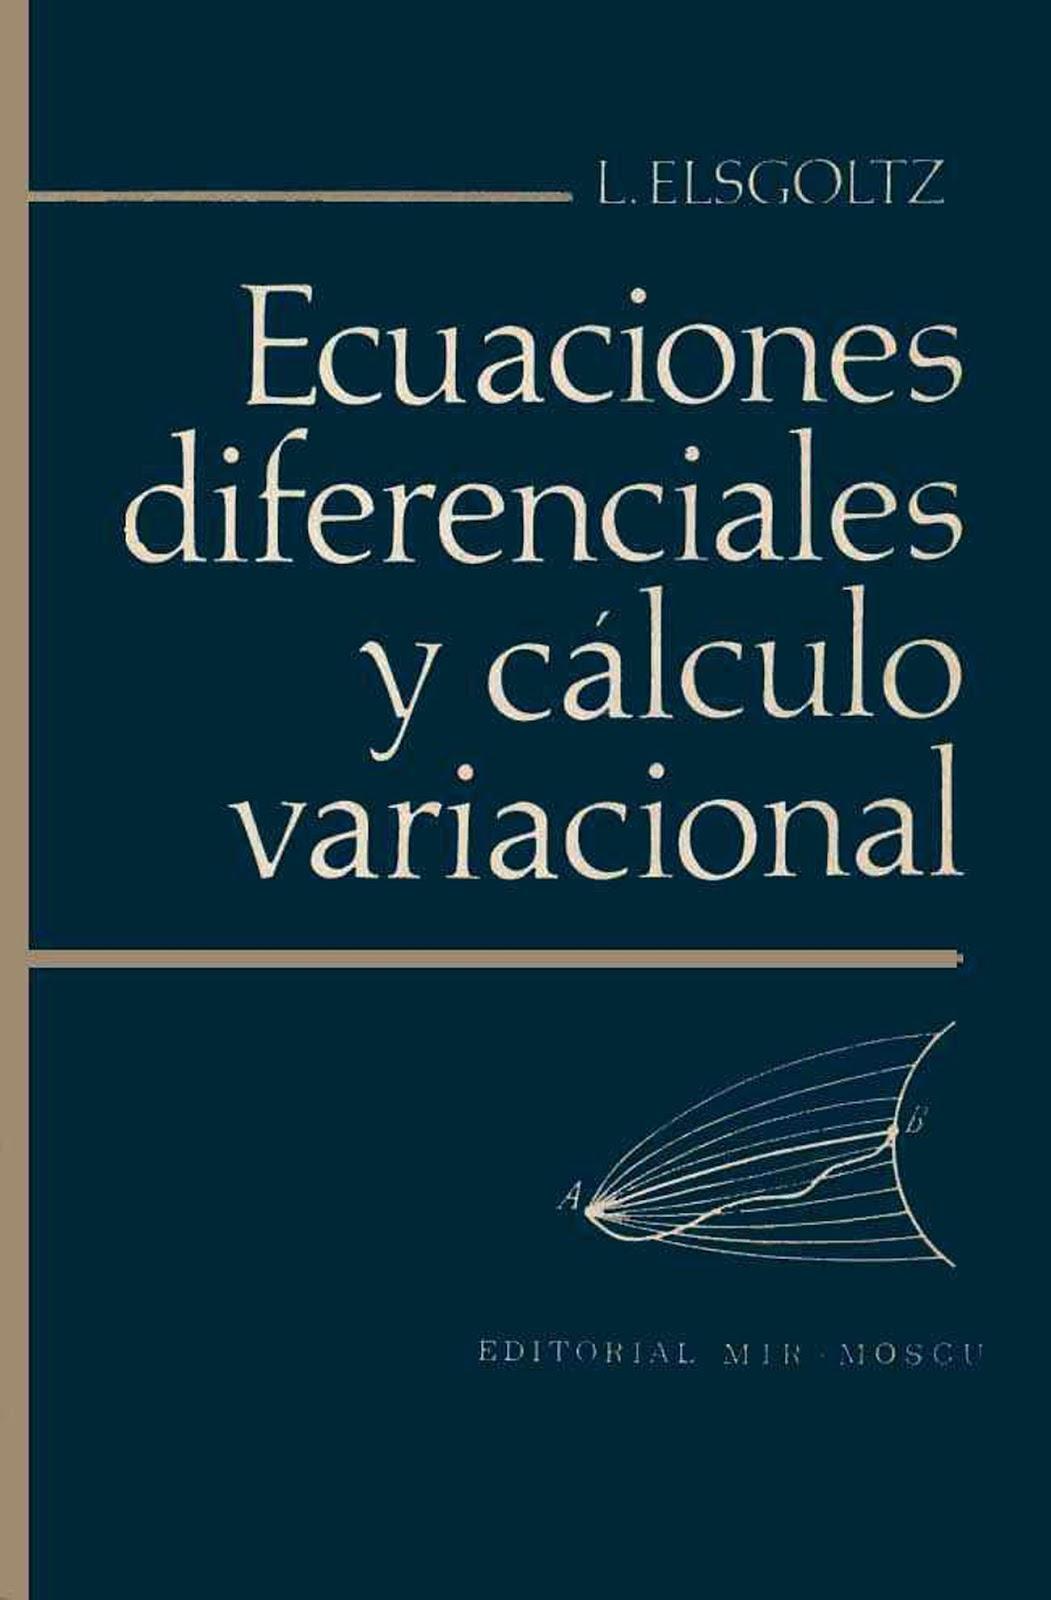 Ecuaciones diferenciales y cálculo variacional – L. Elsgoltz